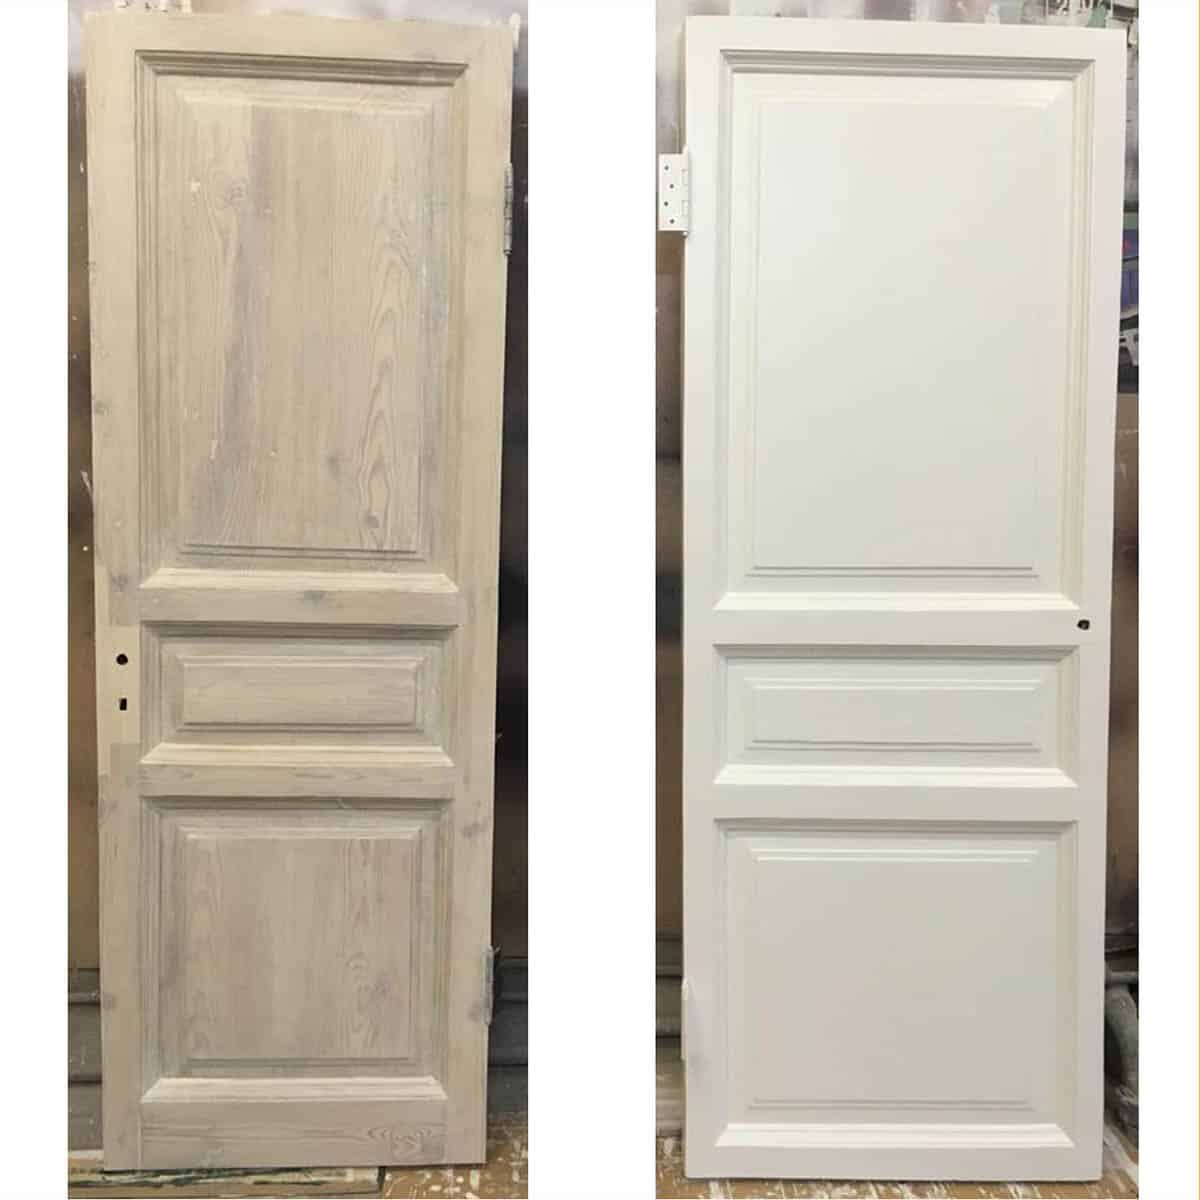 восстановление межкомнатной двери (сталинская дверь)